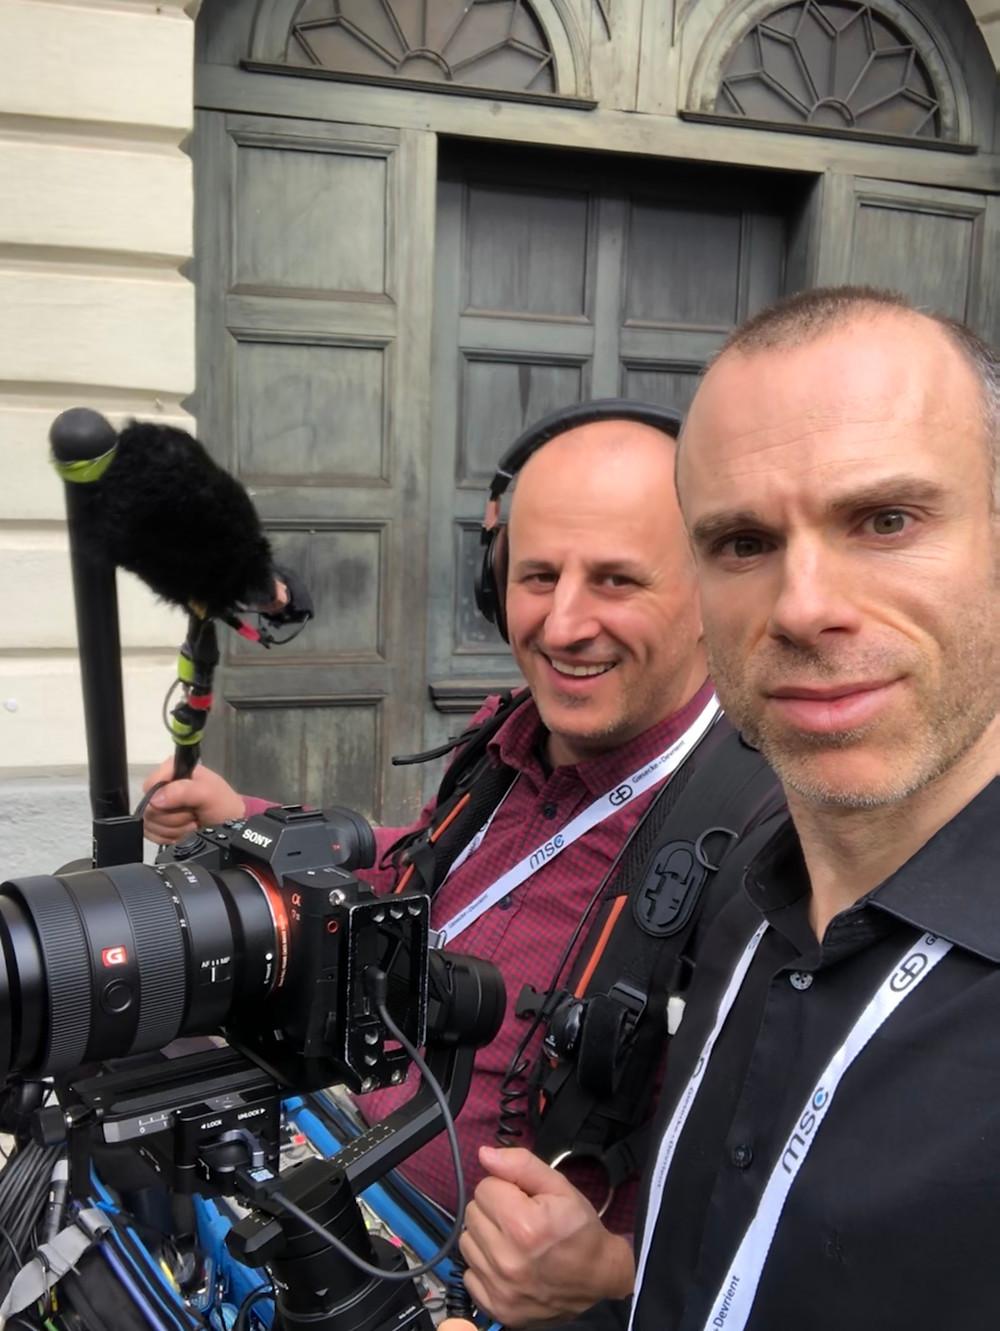 Videoproduktion_Dreharbeiten, Team1 MSC 2020_07